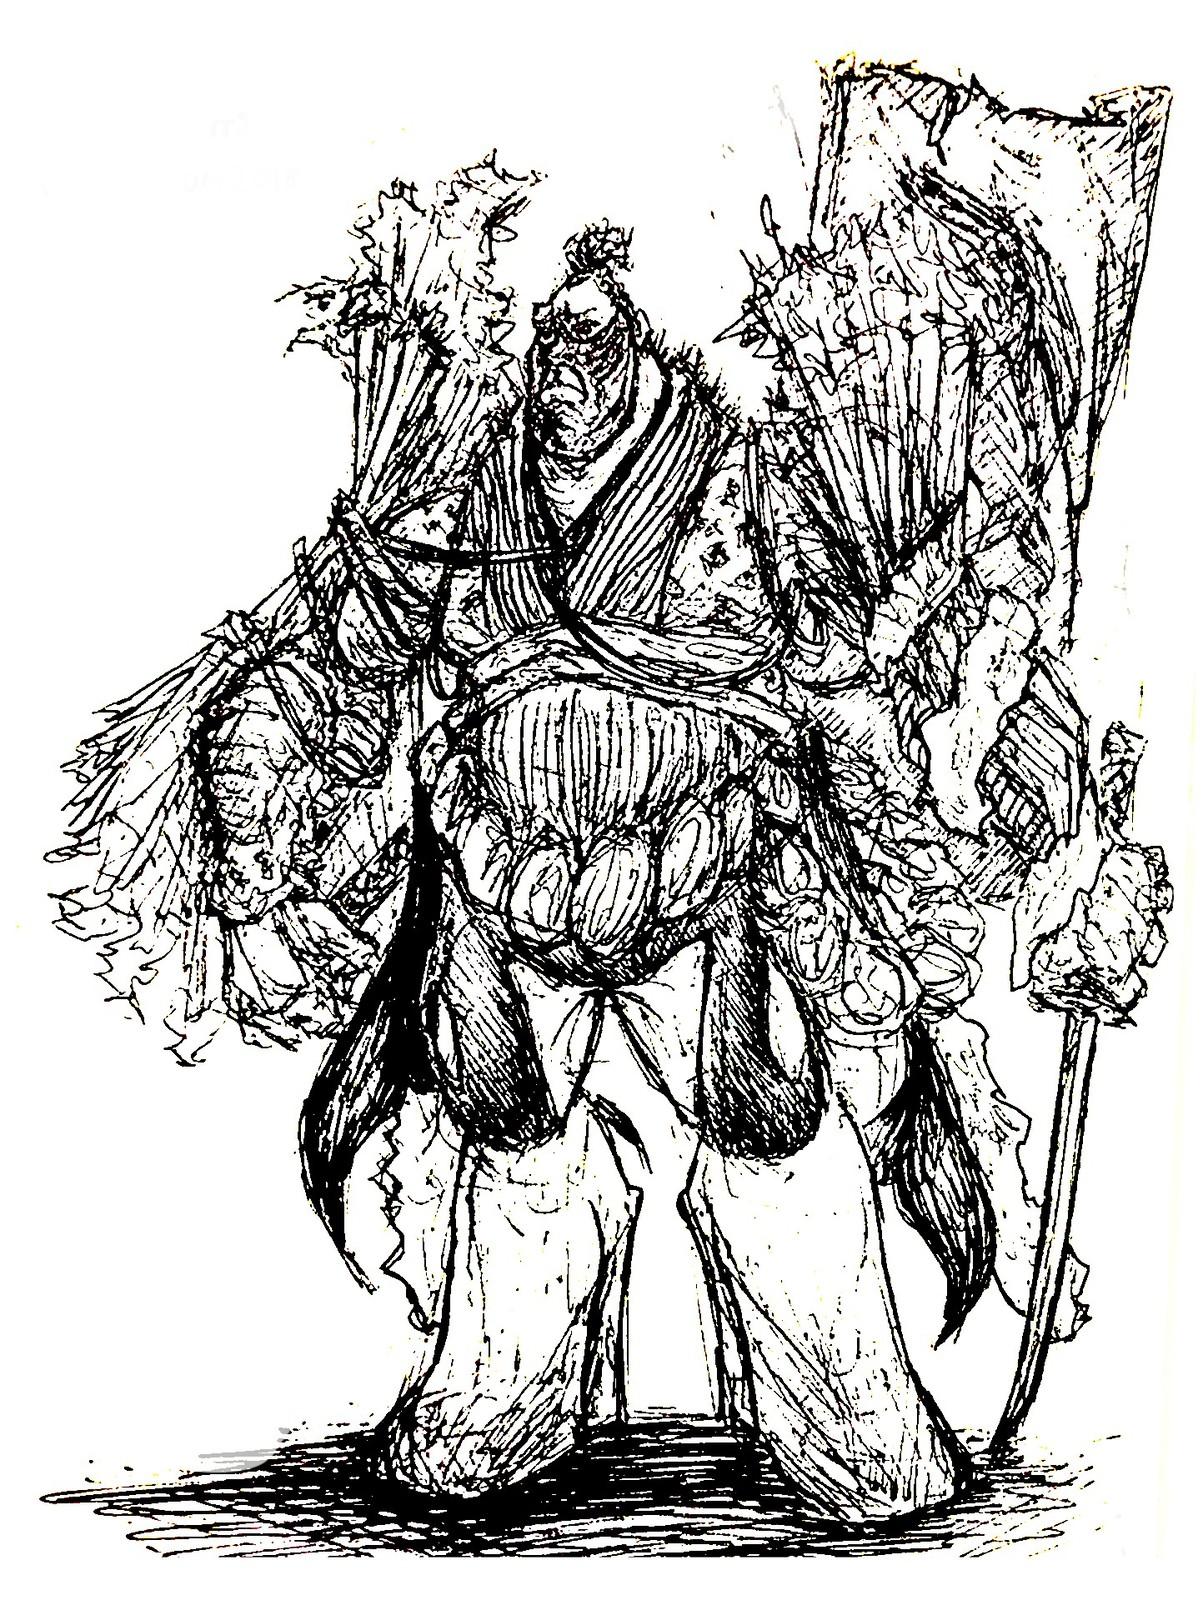 Shogun Ink Sketch